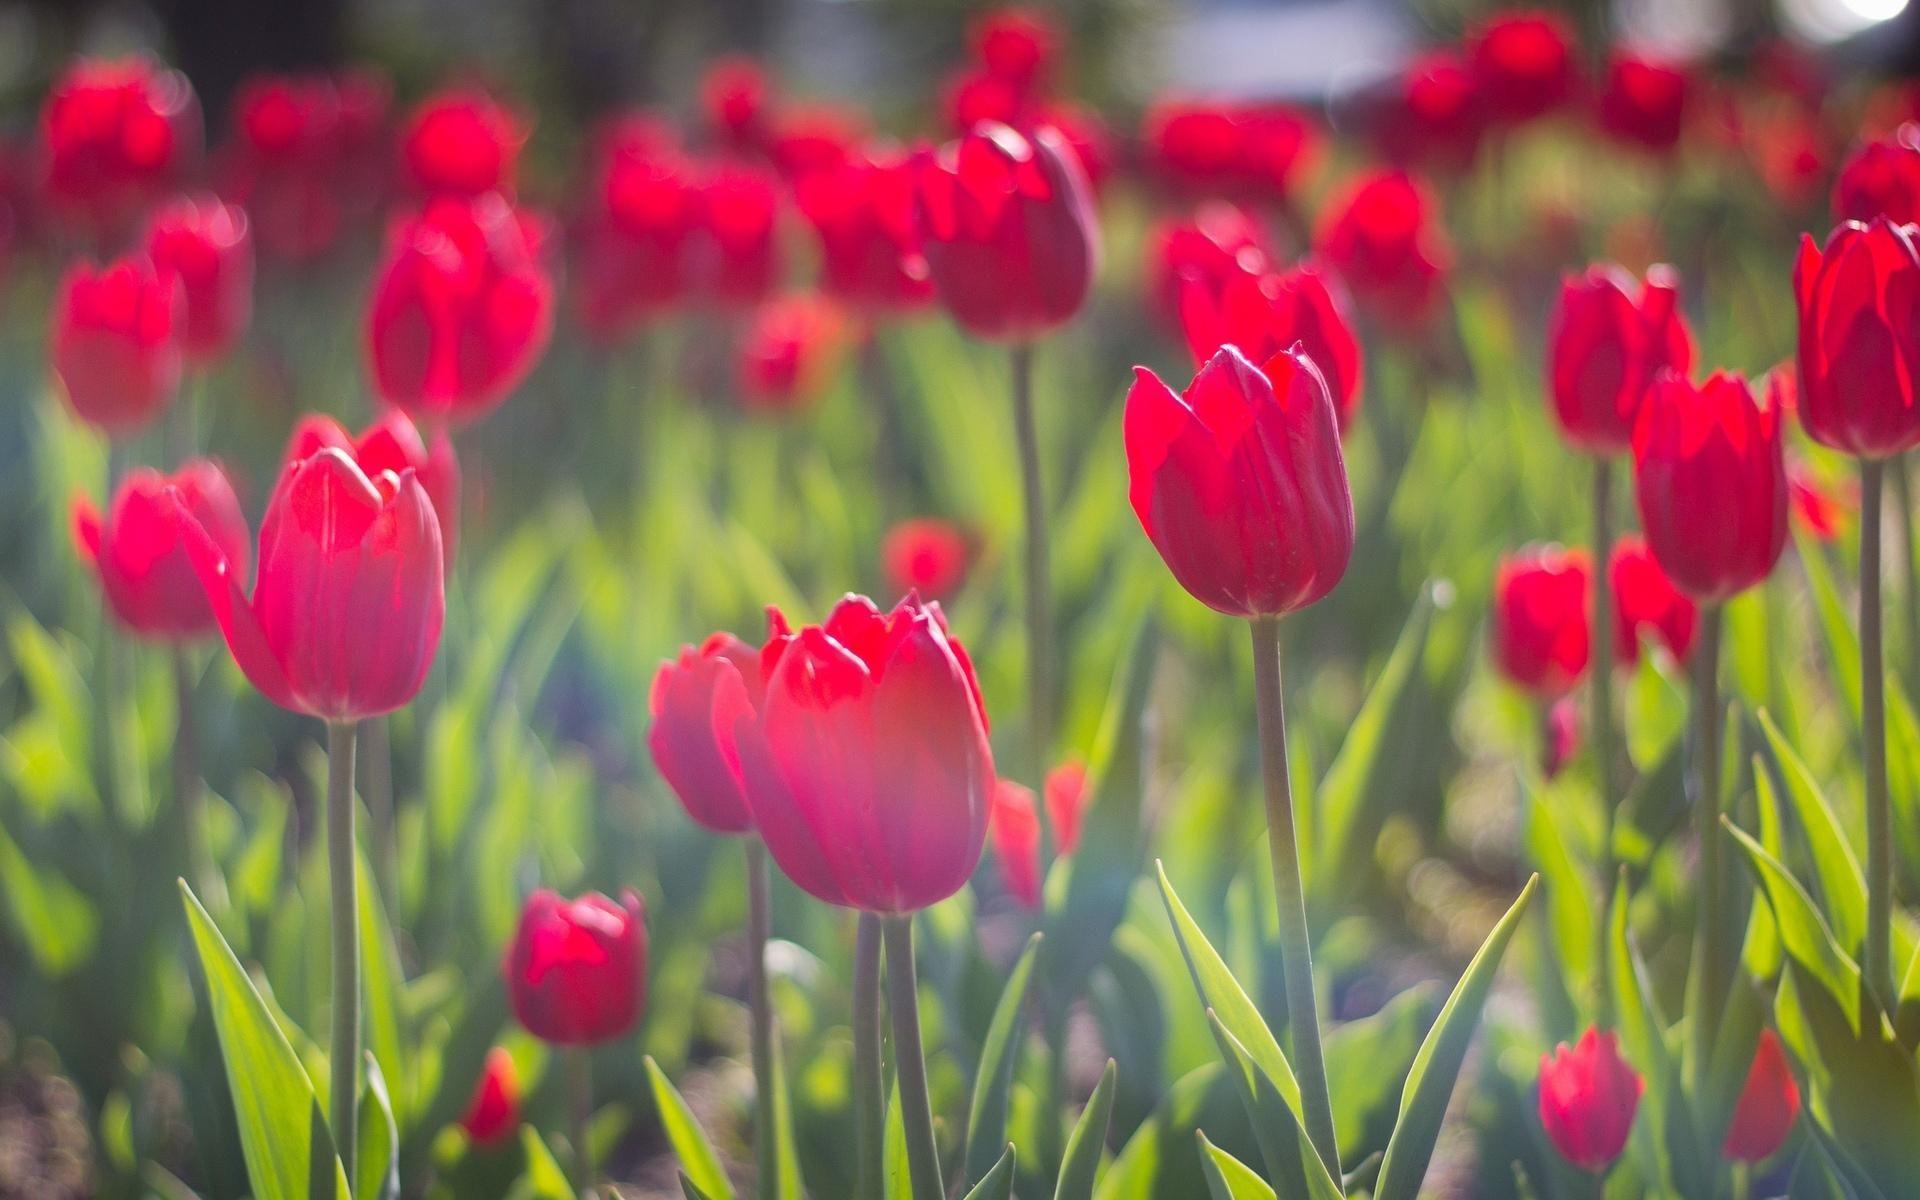 flowers red tulips tulip hd wallpapers download desktop backgrounds